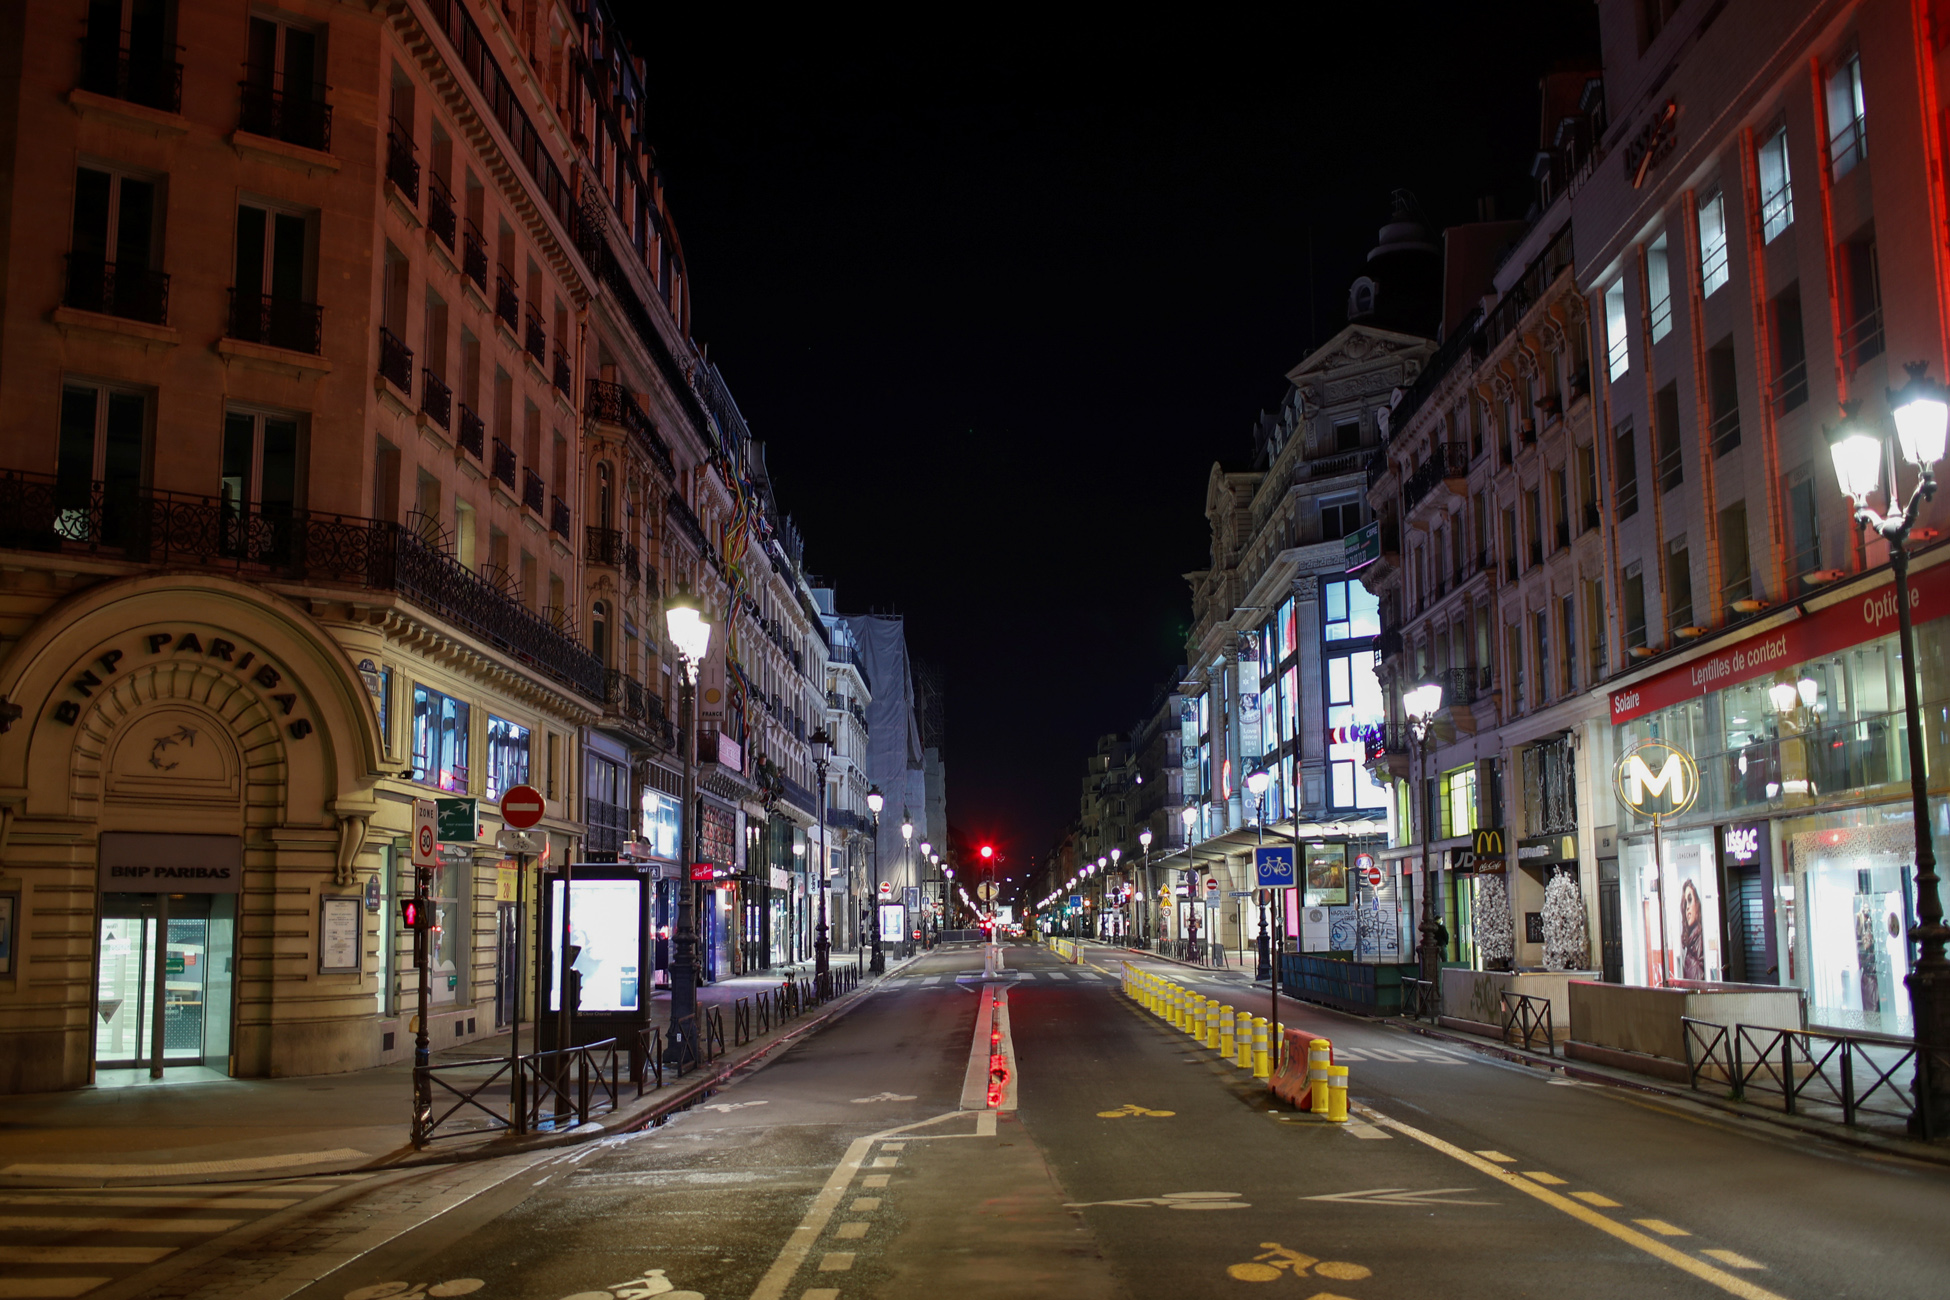 Γαλλία – κορονοϊός: Πιθανή χαλάρωση των μέτρων από τα μέσα Απριλίου